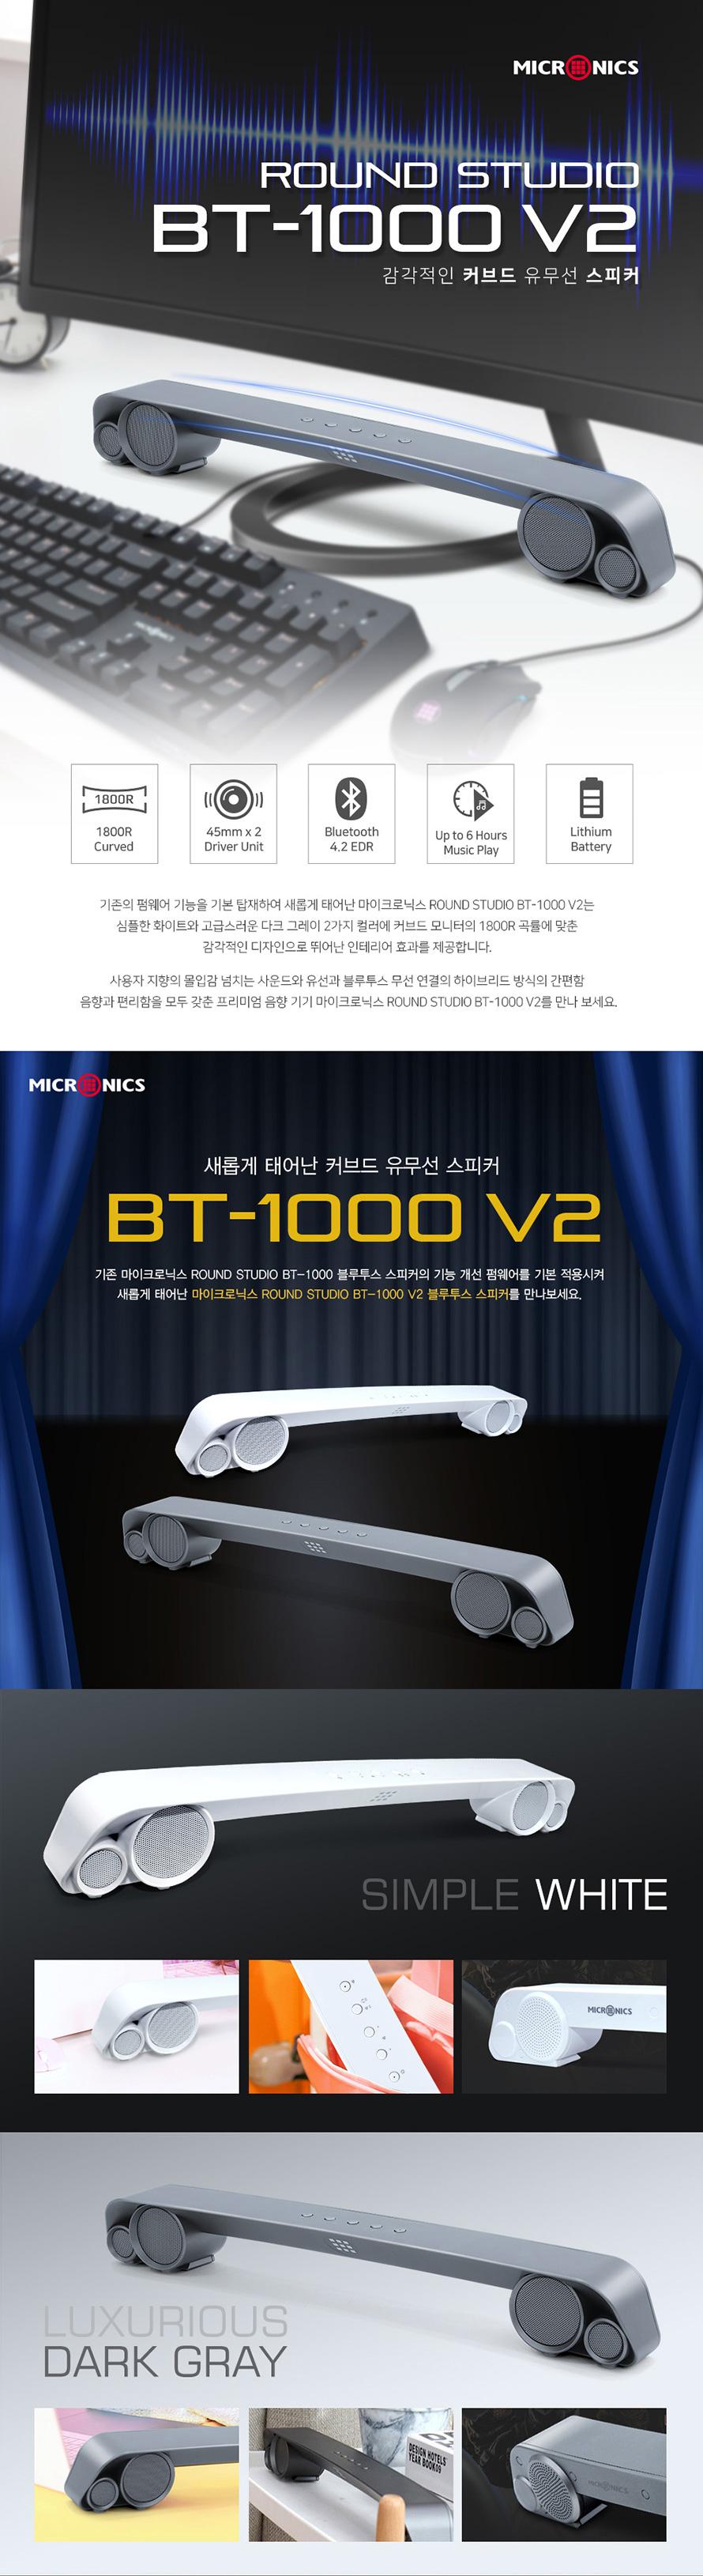 마이크로닉스  ROUND STUDIO BT-1000 V2(다크그레이)